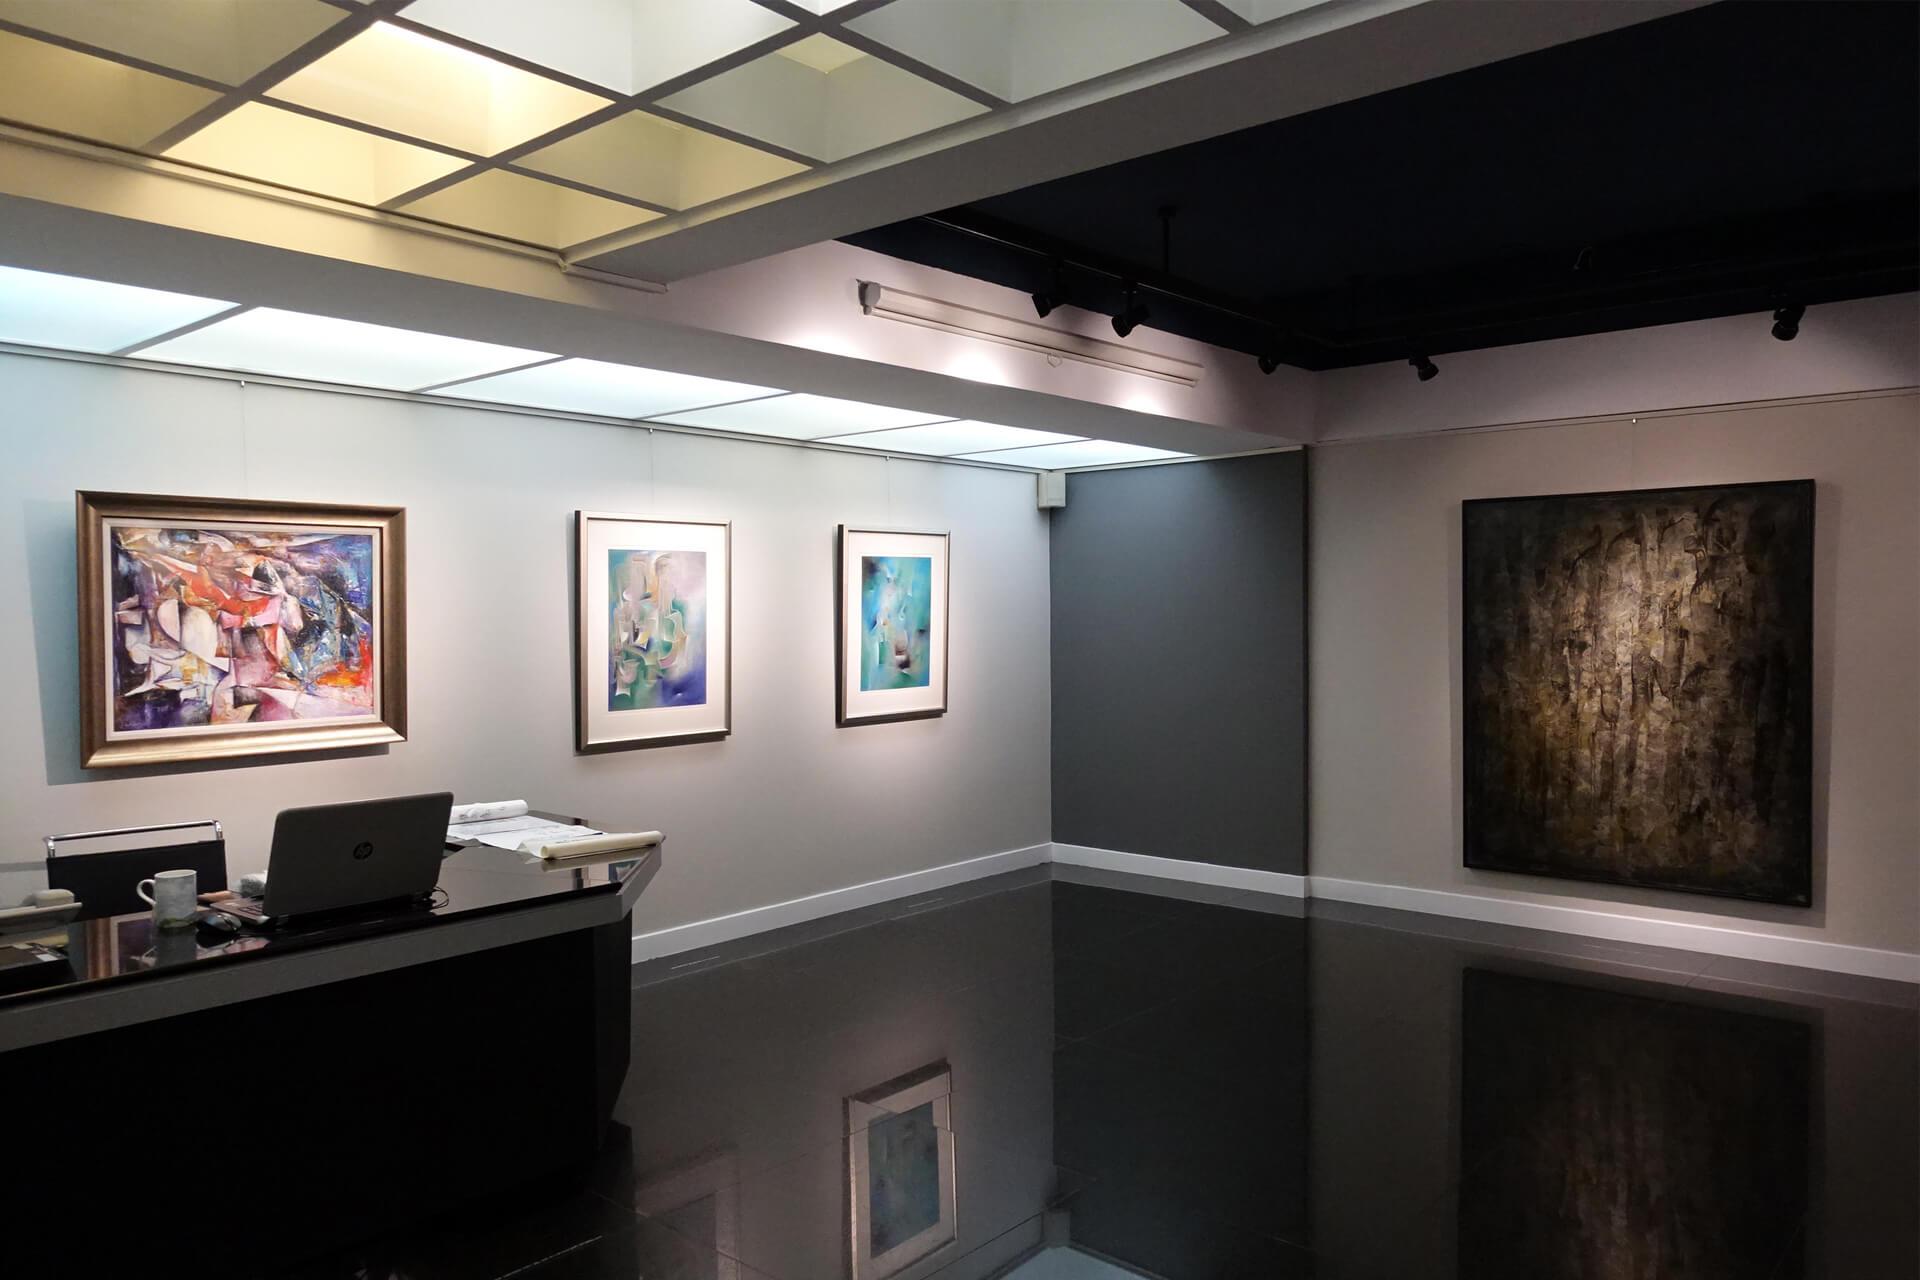 阿波羅畫廊:畫廊四十週年特展系列(三) 寫實意境x抽象表現 陳家榮.曾仕猷.戴壁吟.葉竹盛